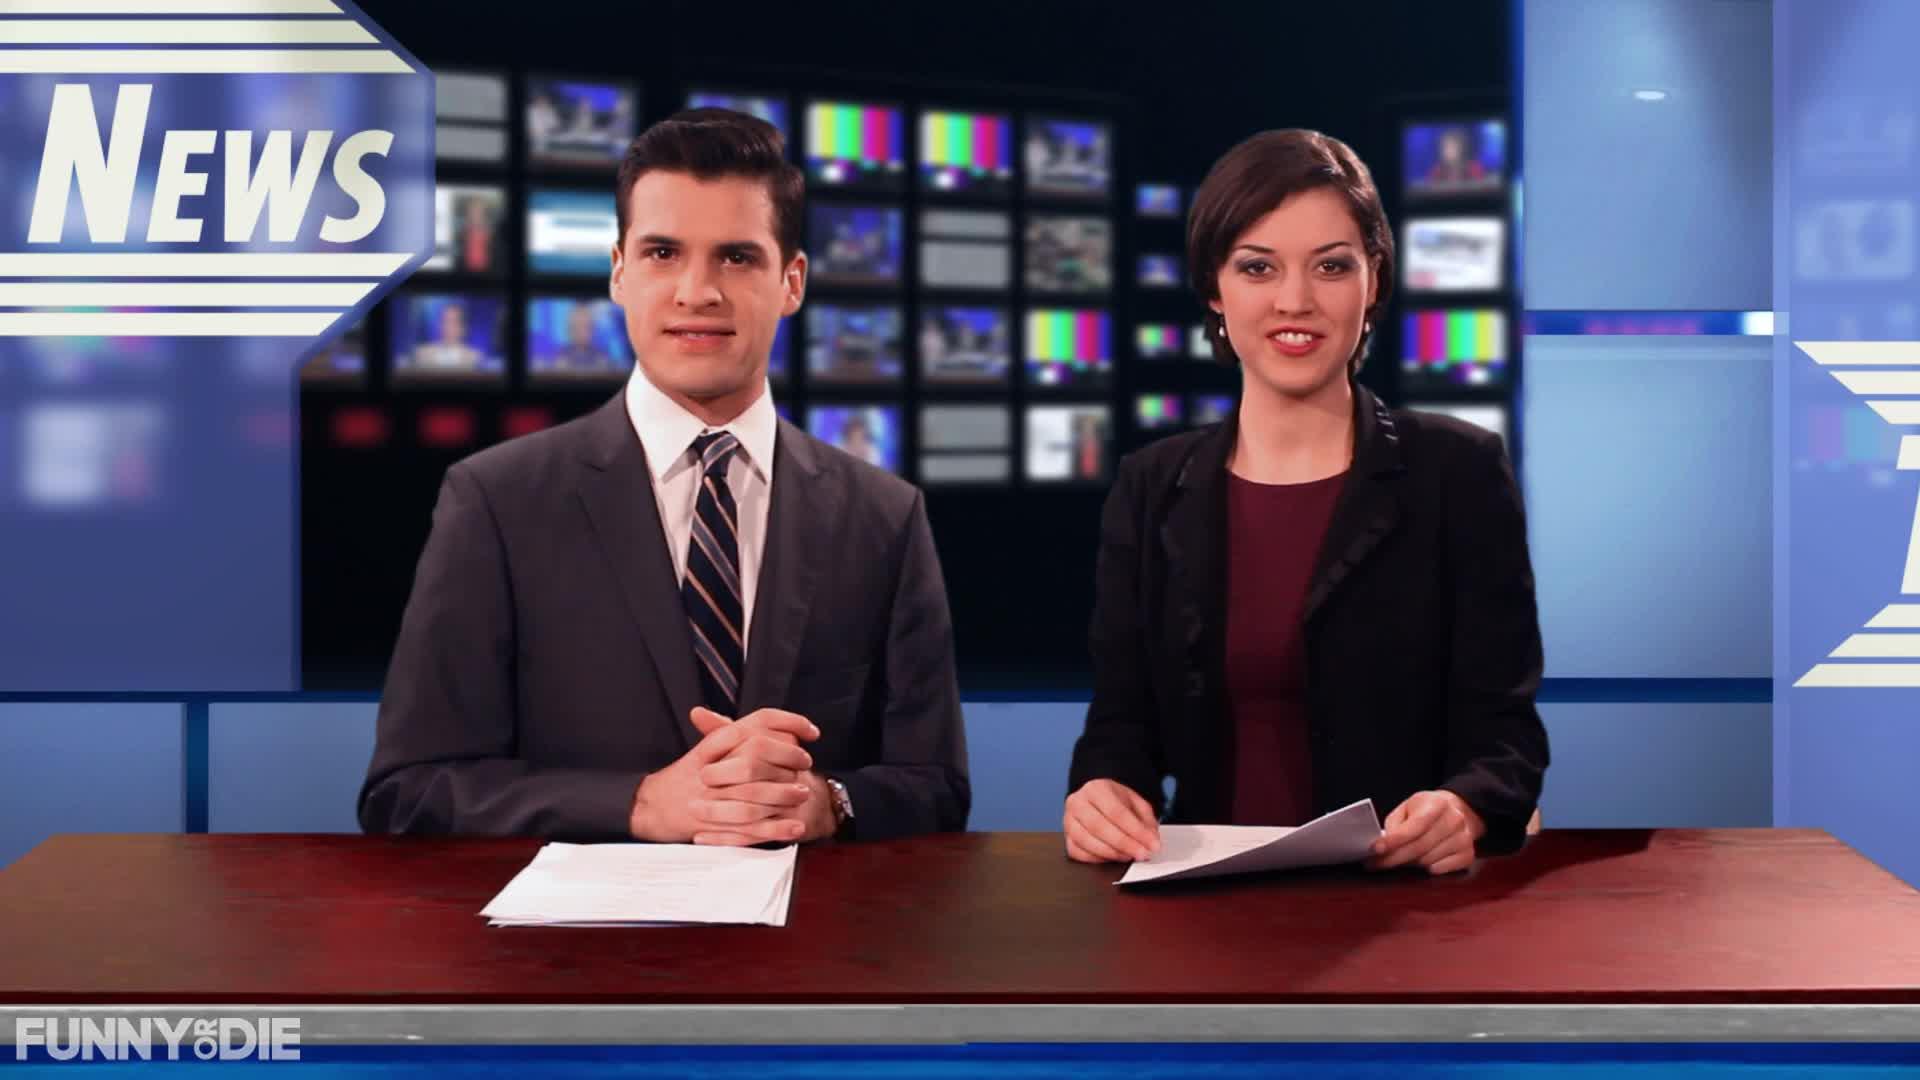 Картинки новостей на английском